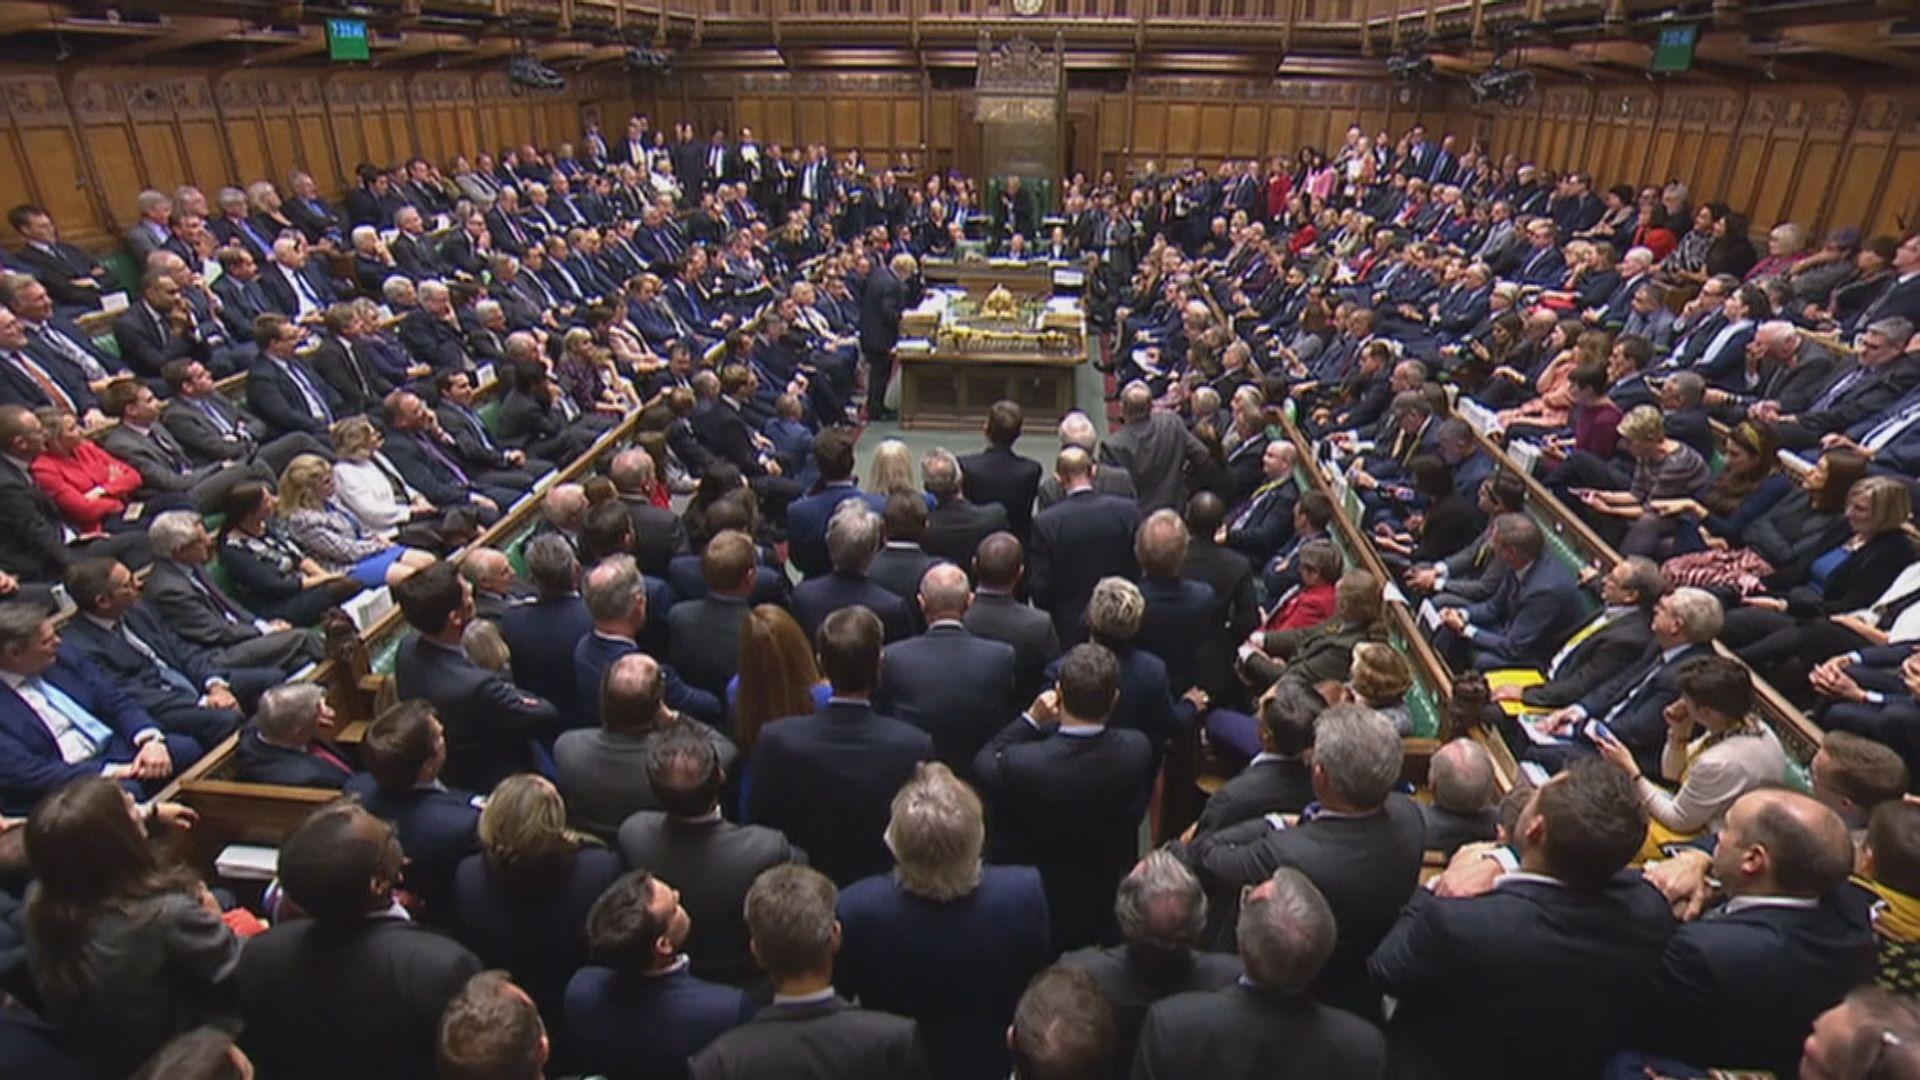 【脫歐僵局】英國下議院否決加快審議脫歐法案